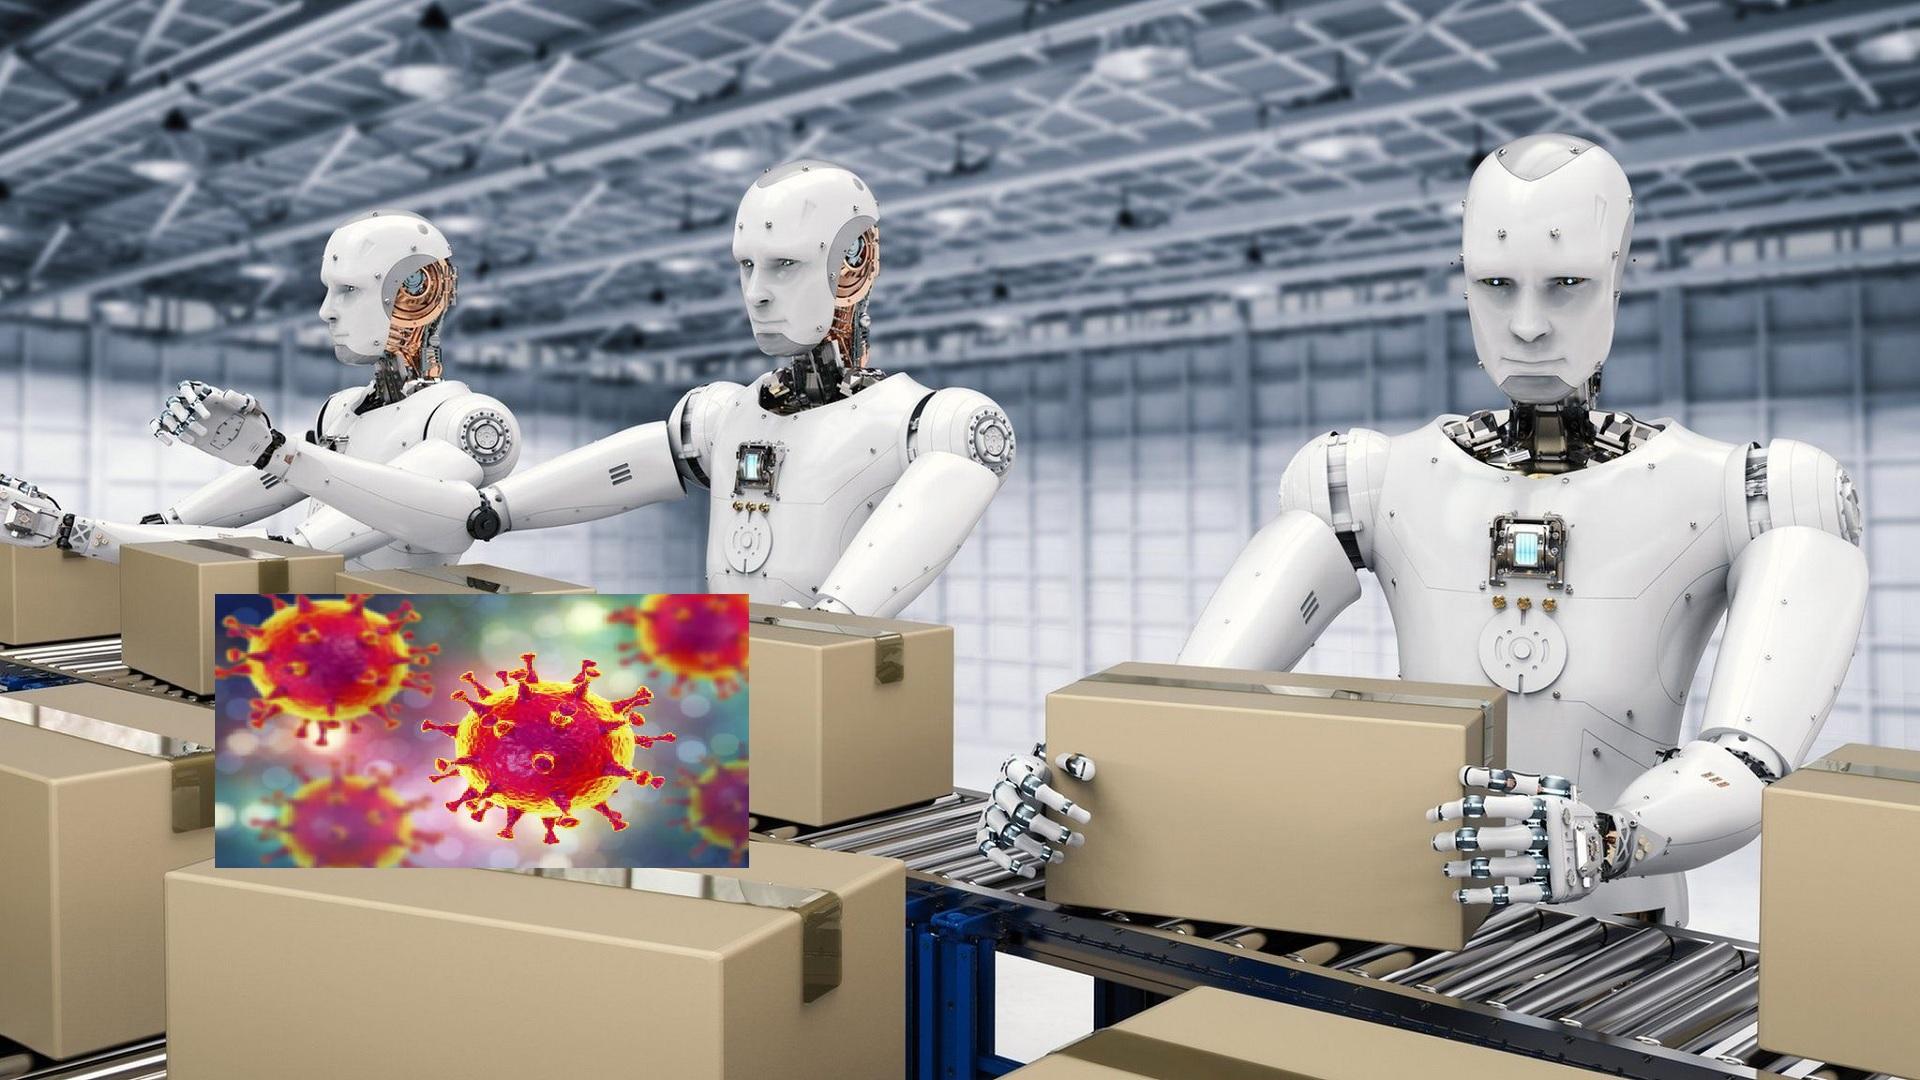 Κορωνοϊός τεχνολογική ανάπτυξη: Θα μπορούσαν τα ρομπότ να καταστρέψουν τον ιό;